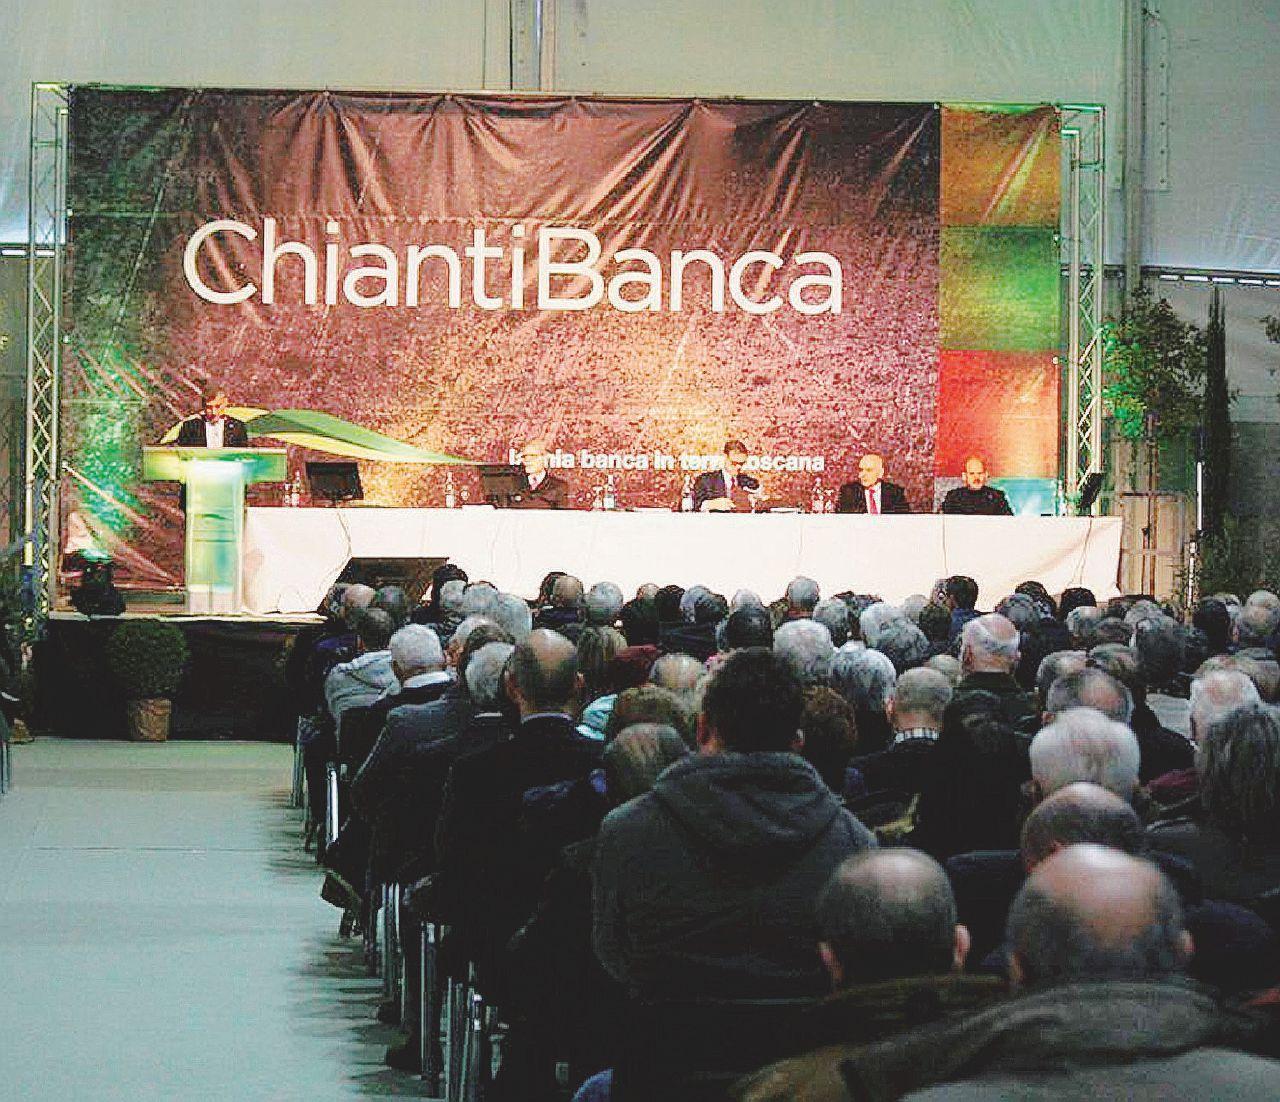 Il ribaltone targato Renzi è pronto: ChiantiBanca s'inchina ai romani